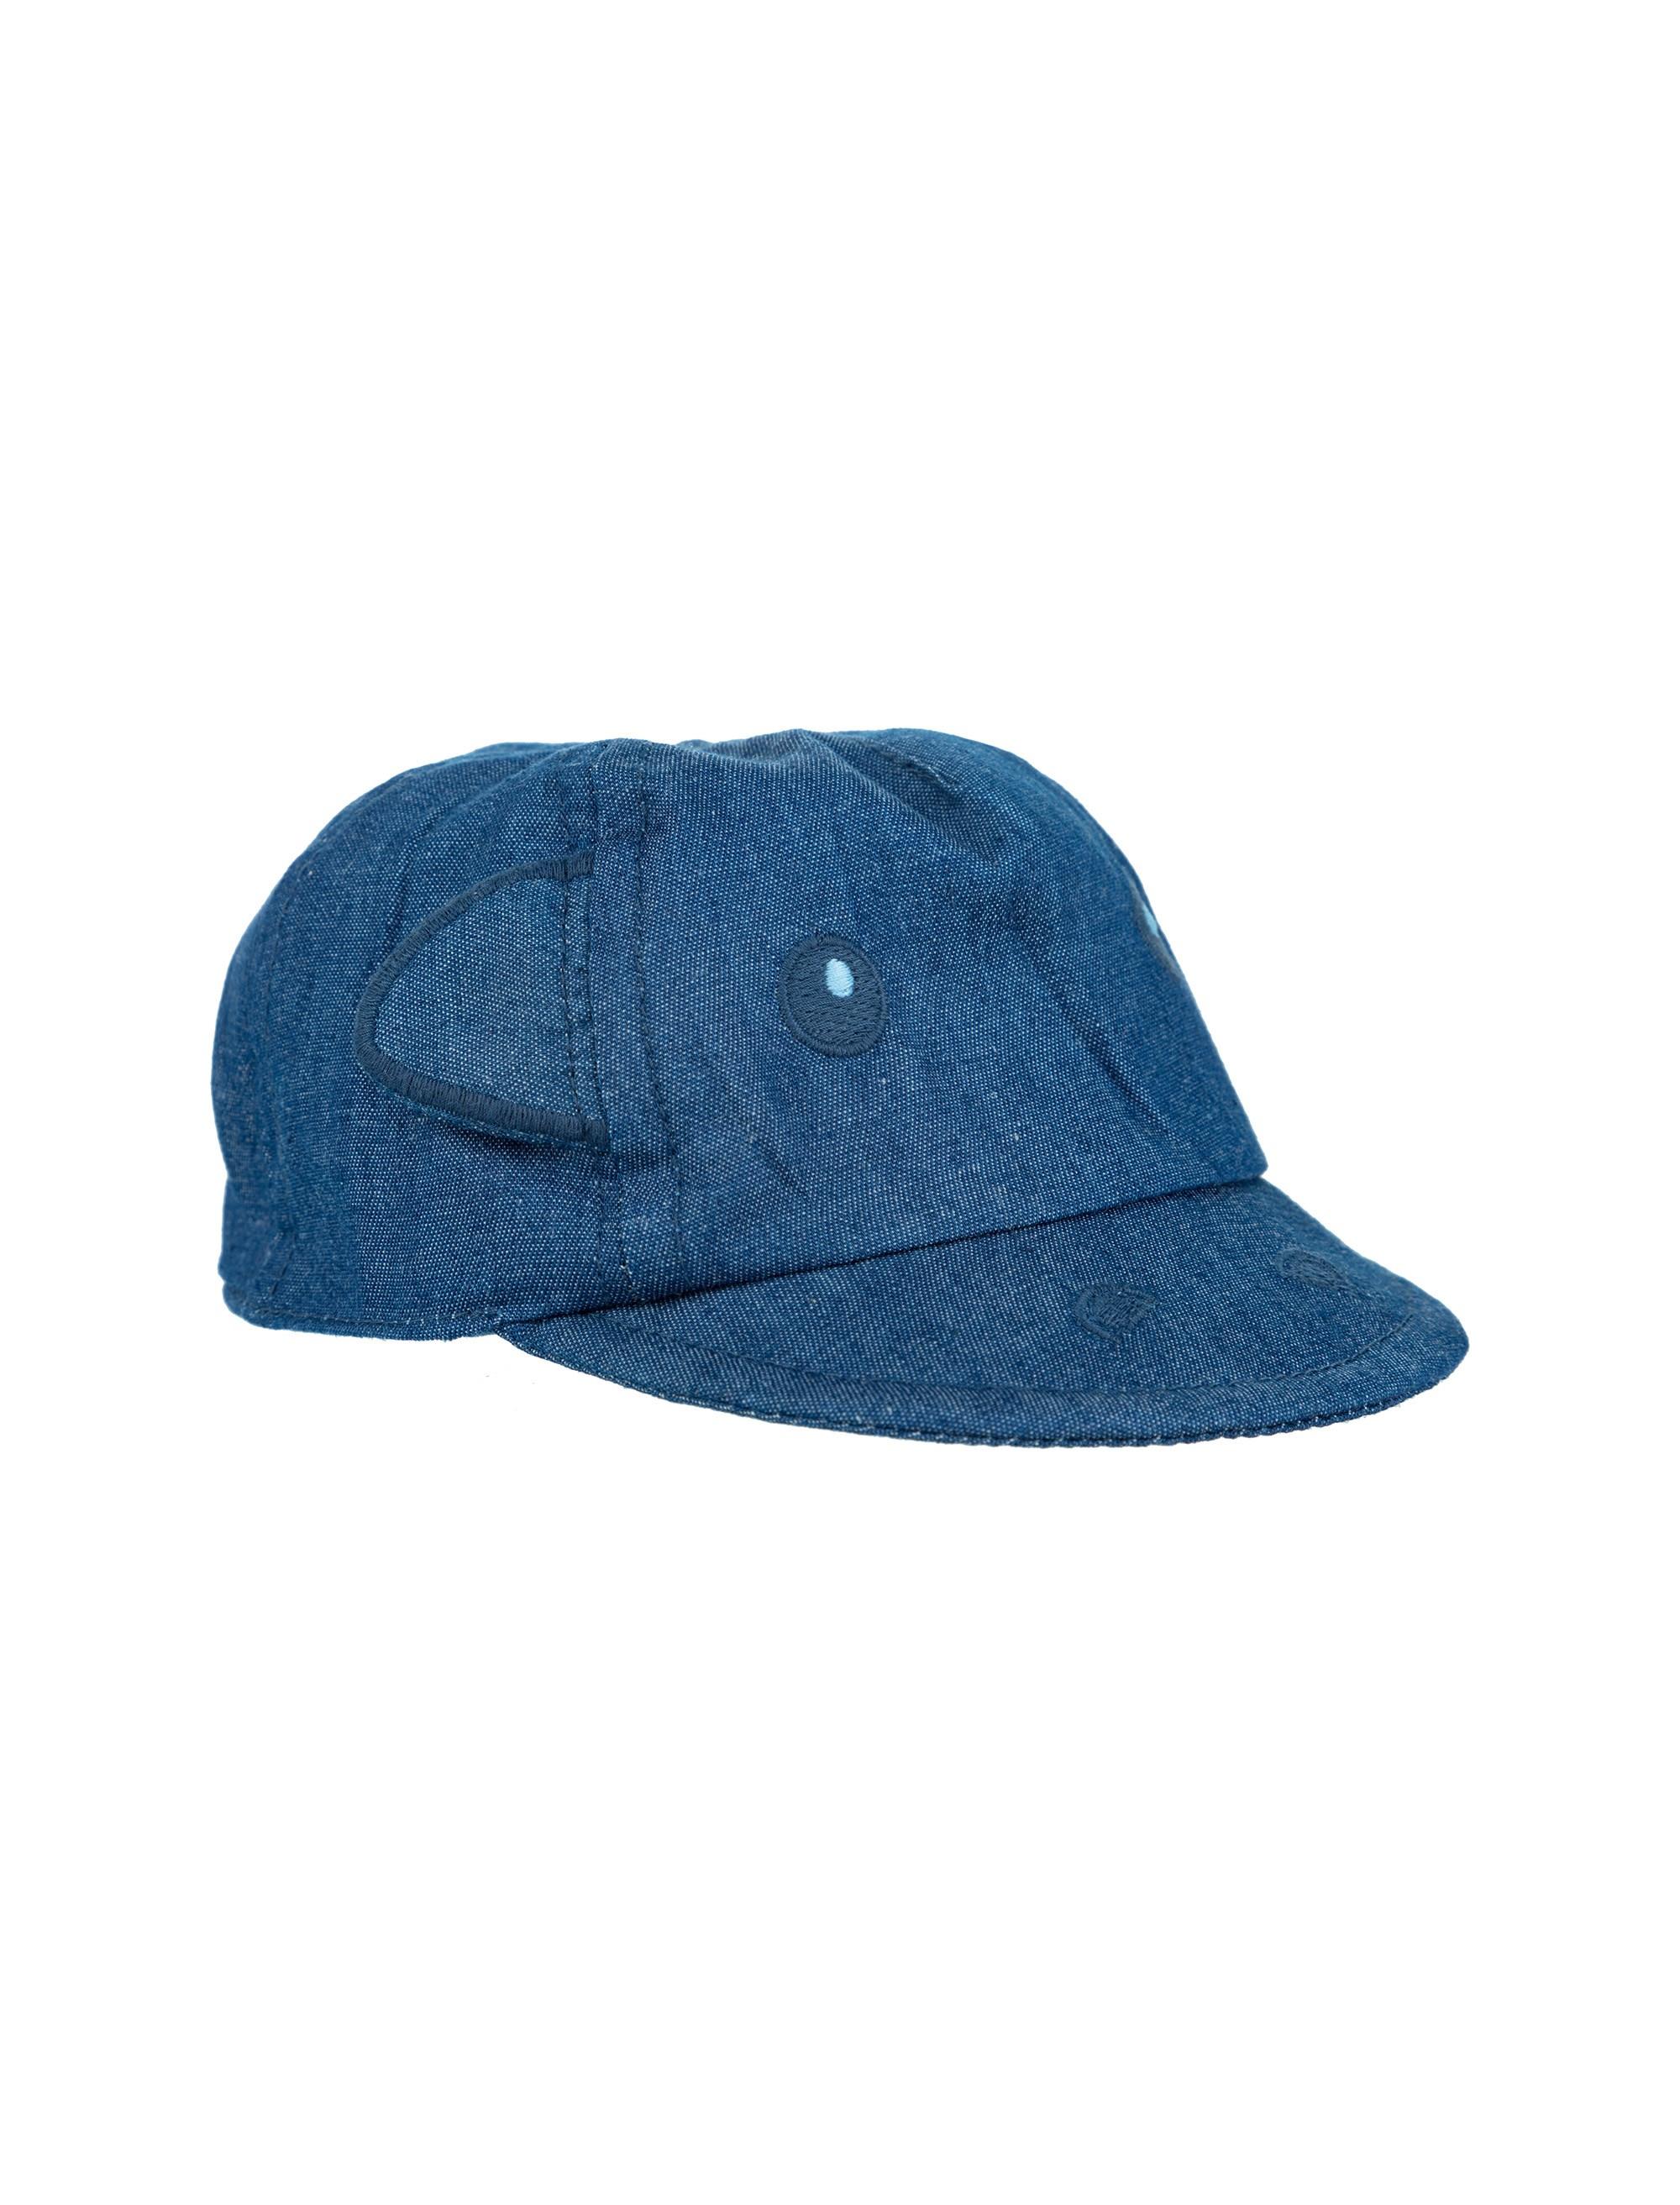 کلاه نخی پسرانه - بلوکیدز - آبي - 2